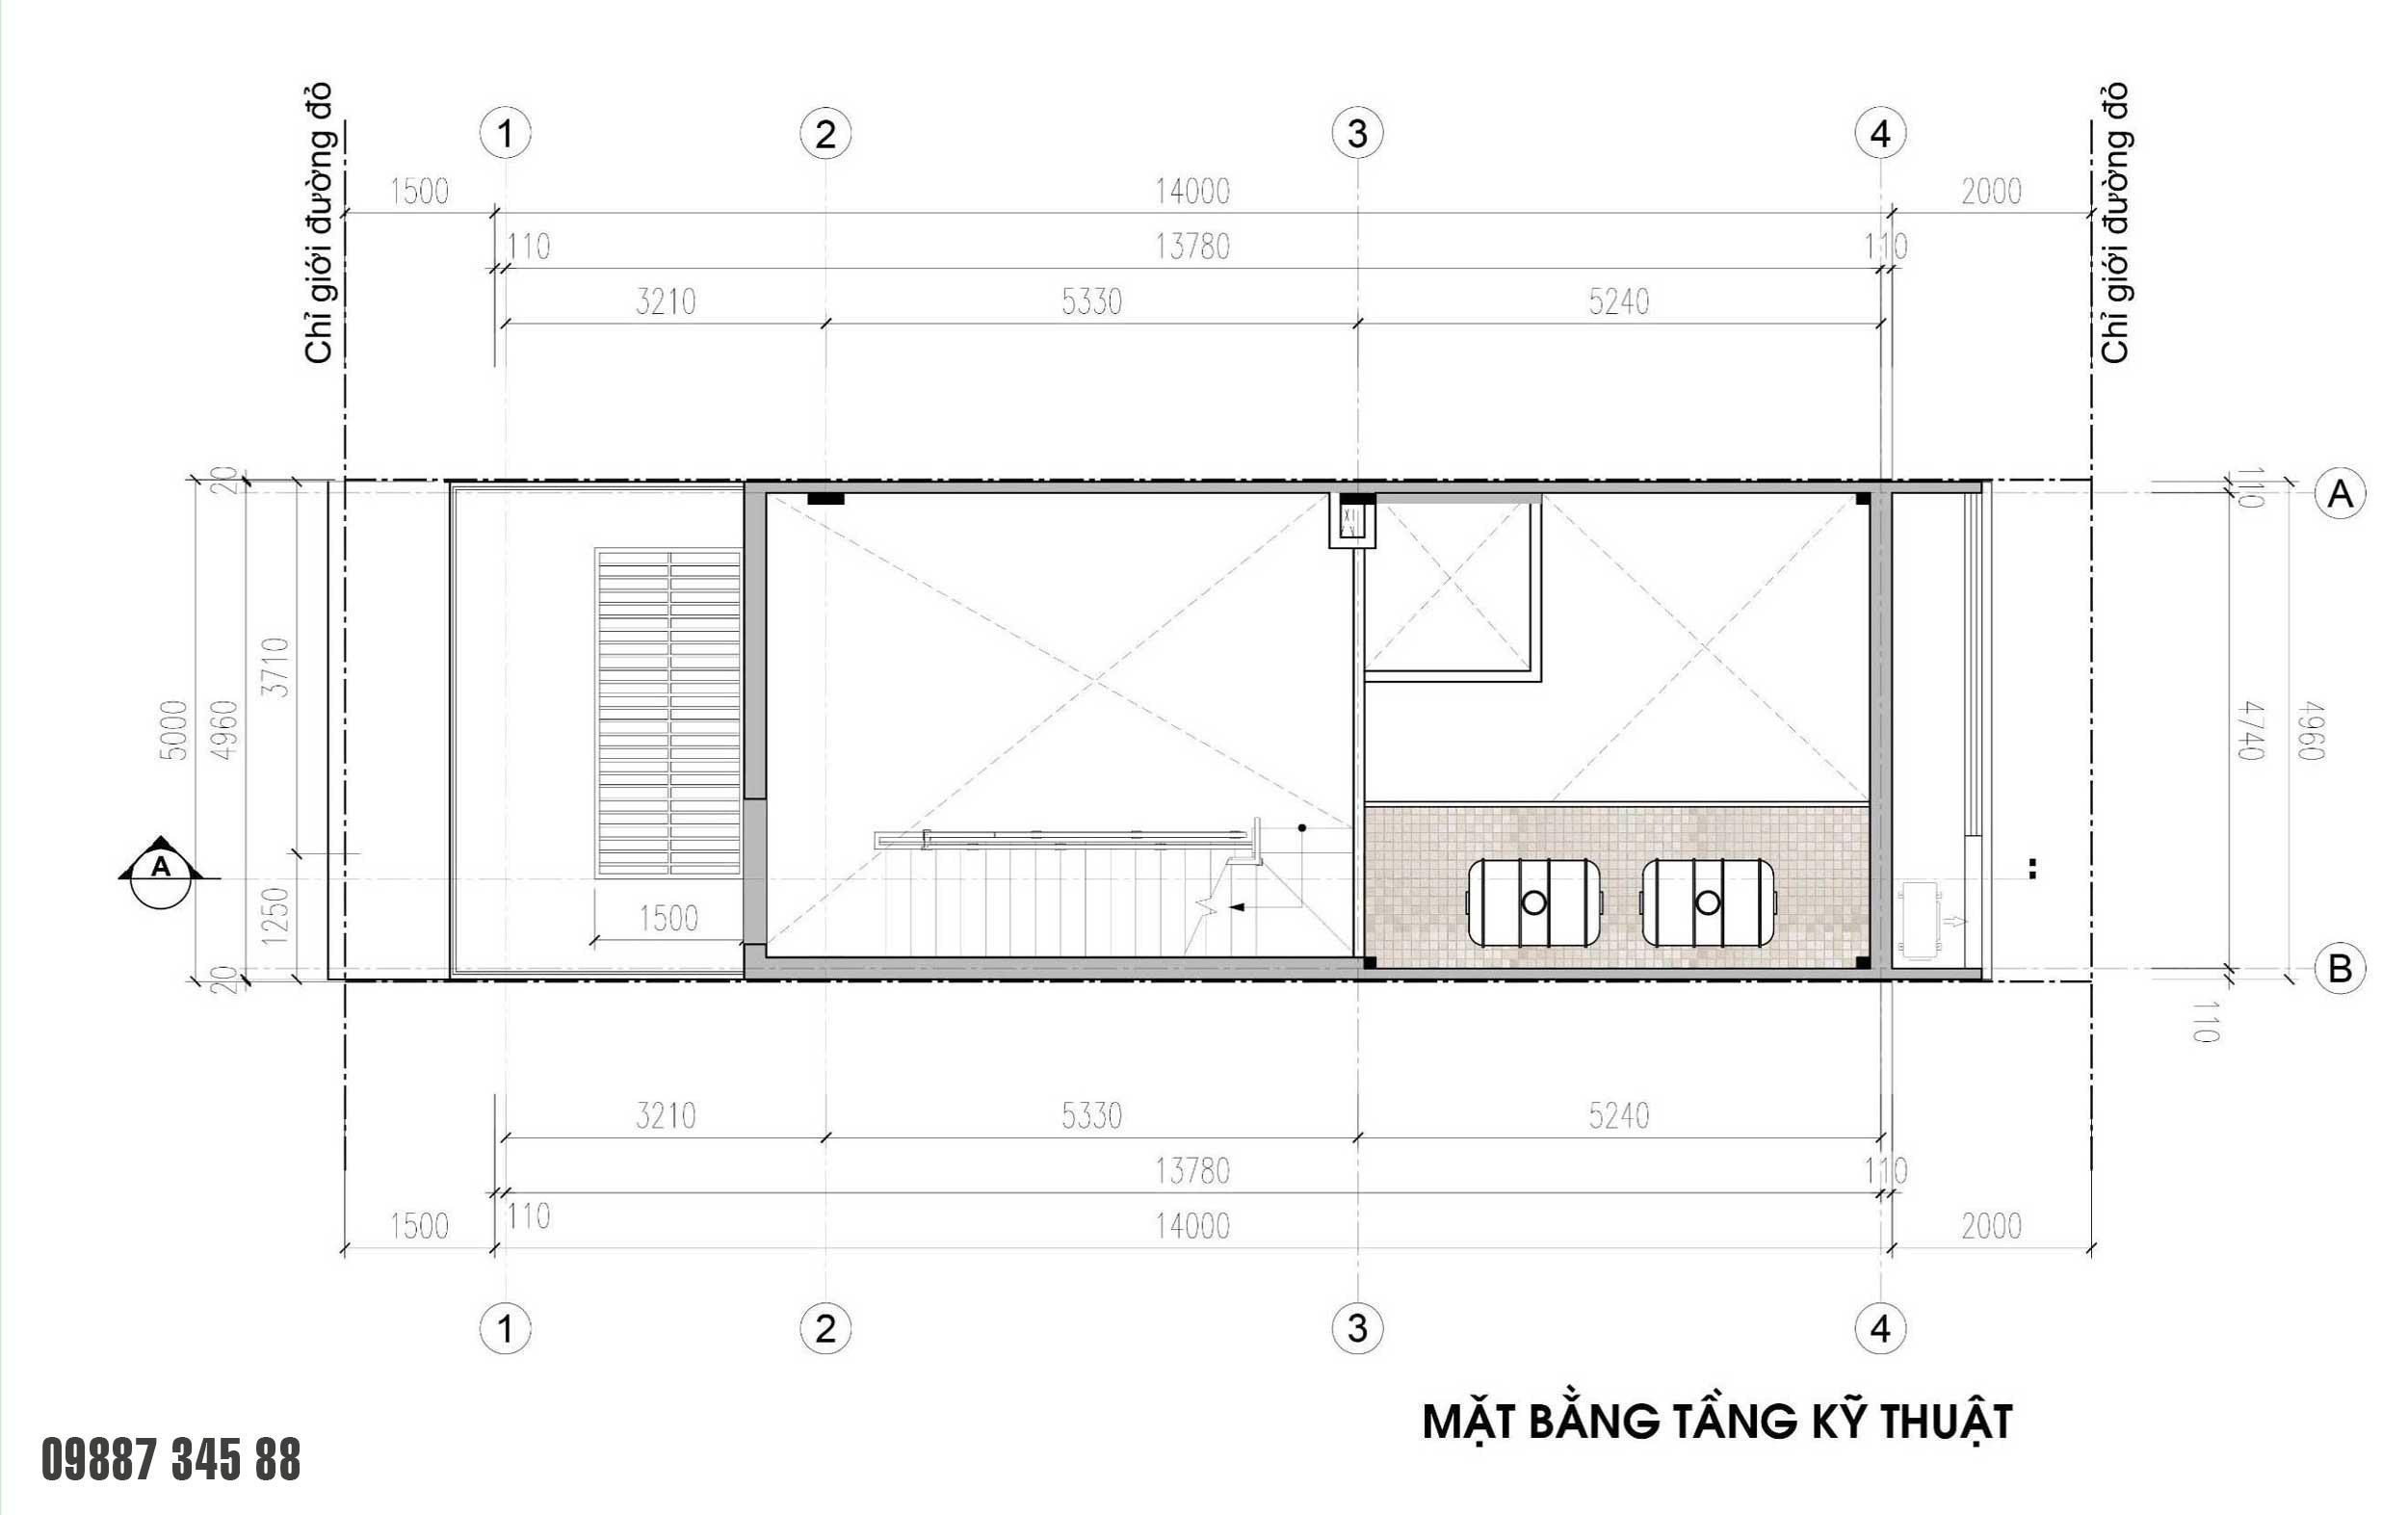 Mặt bằng tầng kỹ thuật - nhà phố vườn Thủy Trúc(5x17,5m)